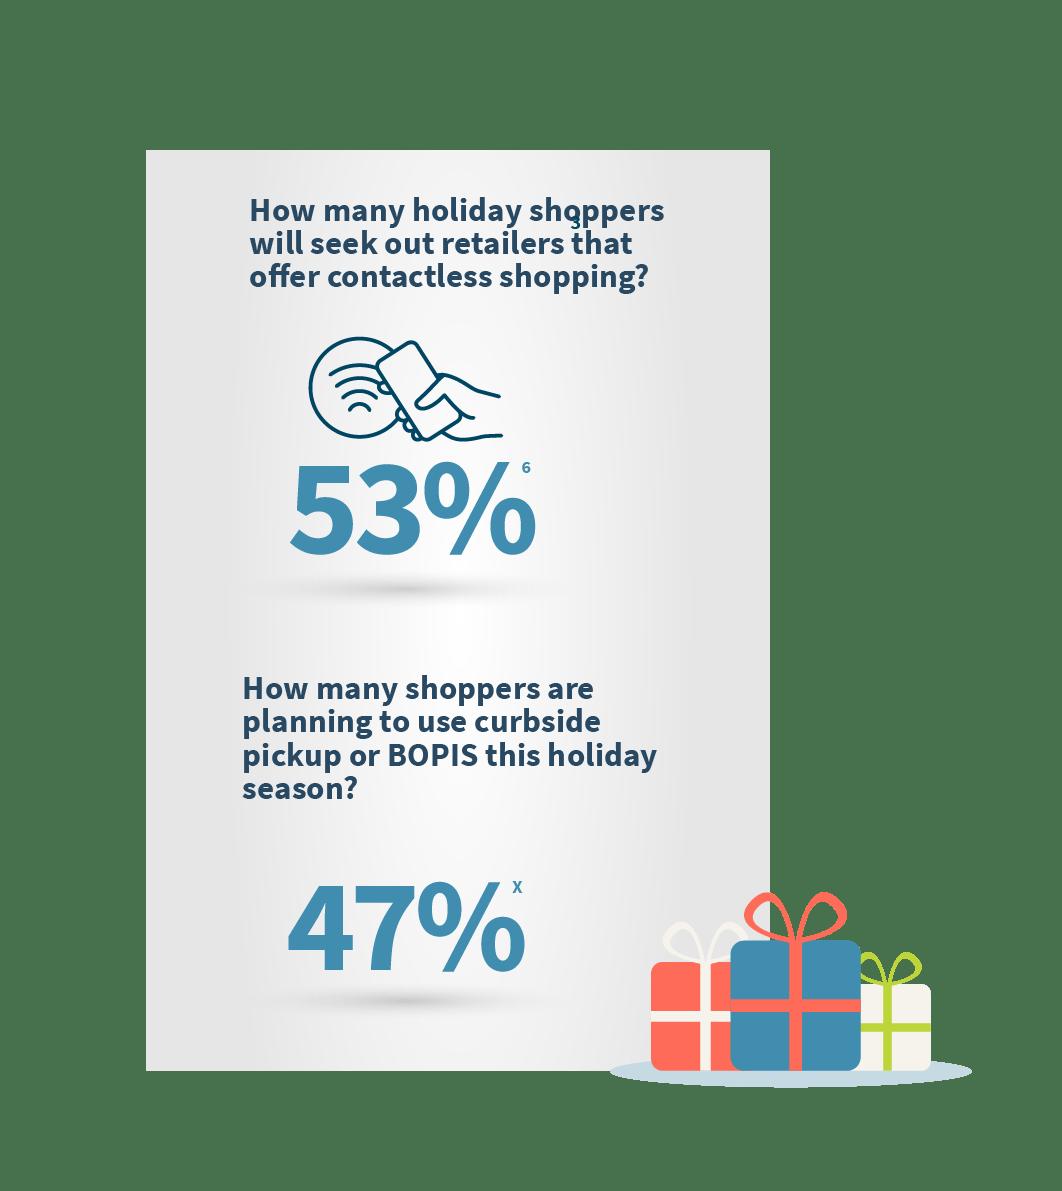 Mettre l'accent sur les méthodes d'achat sans contact augmentera votre clientèle cette année